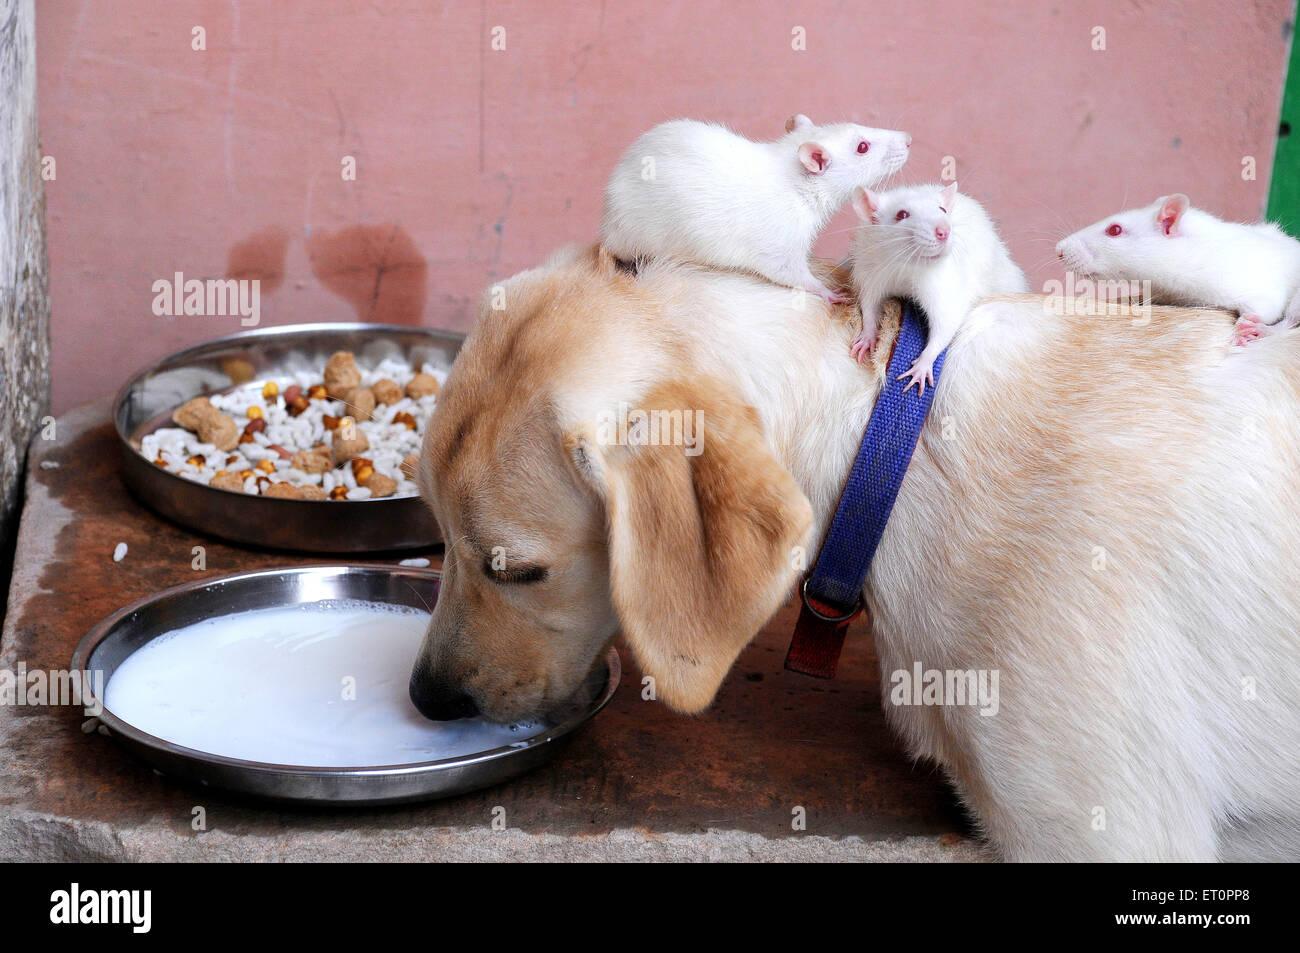 Hund und weißen Ratten konsummilch wie Freunde, Jodhpur, Rajasthan, Indien Stockbild